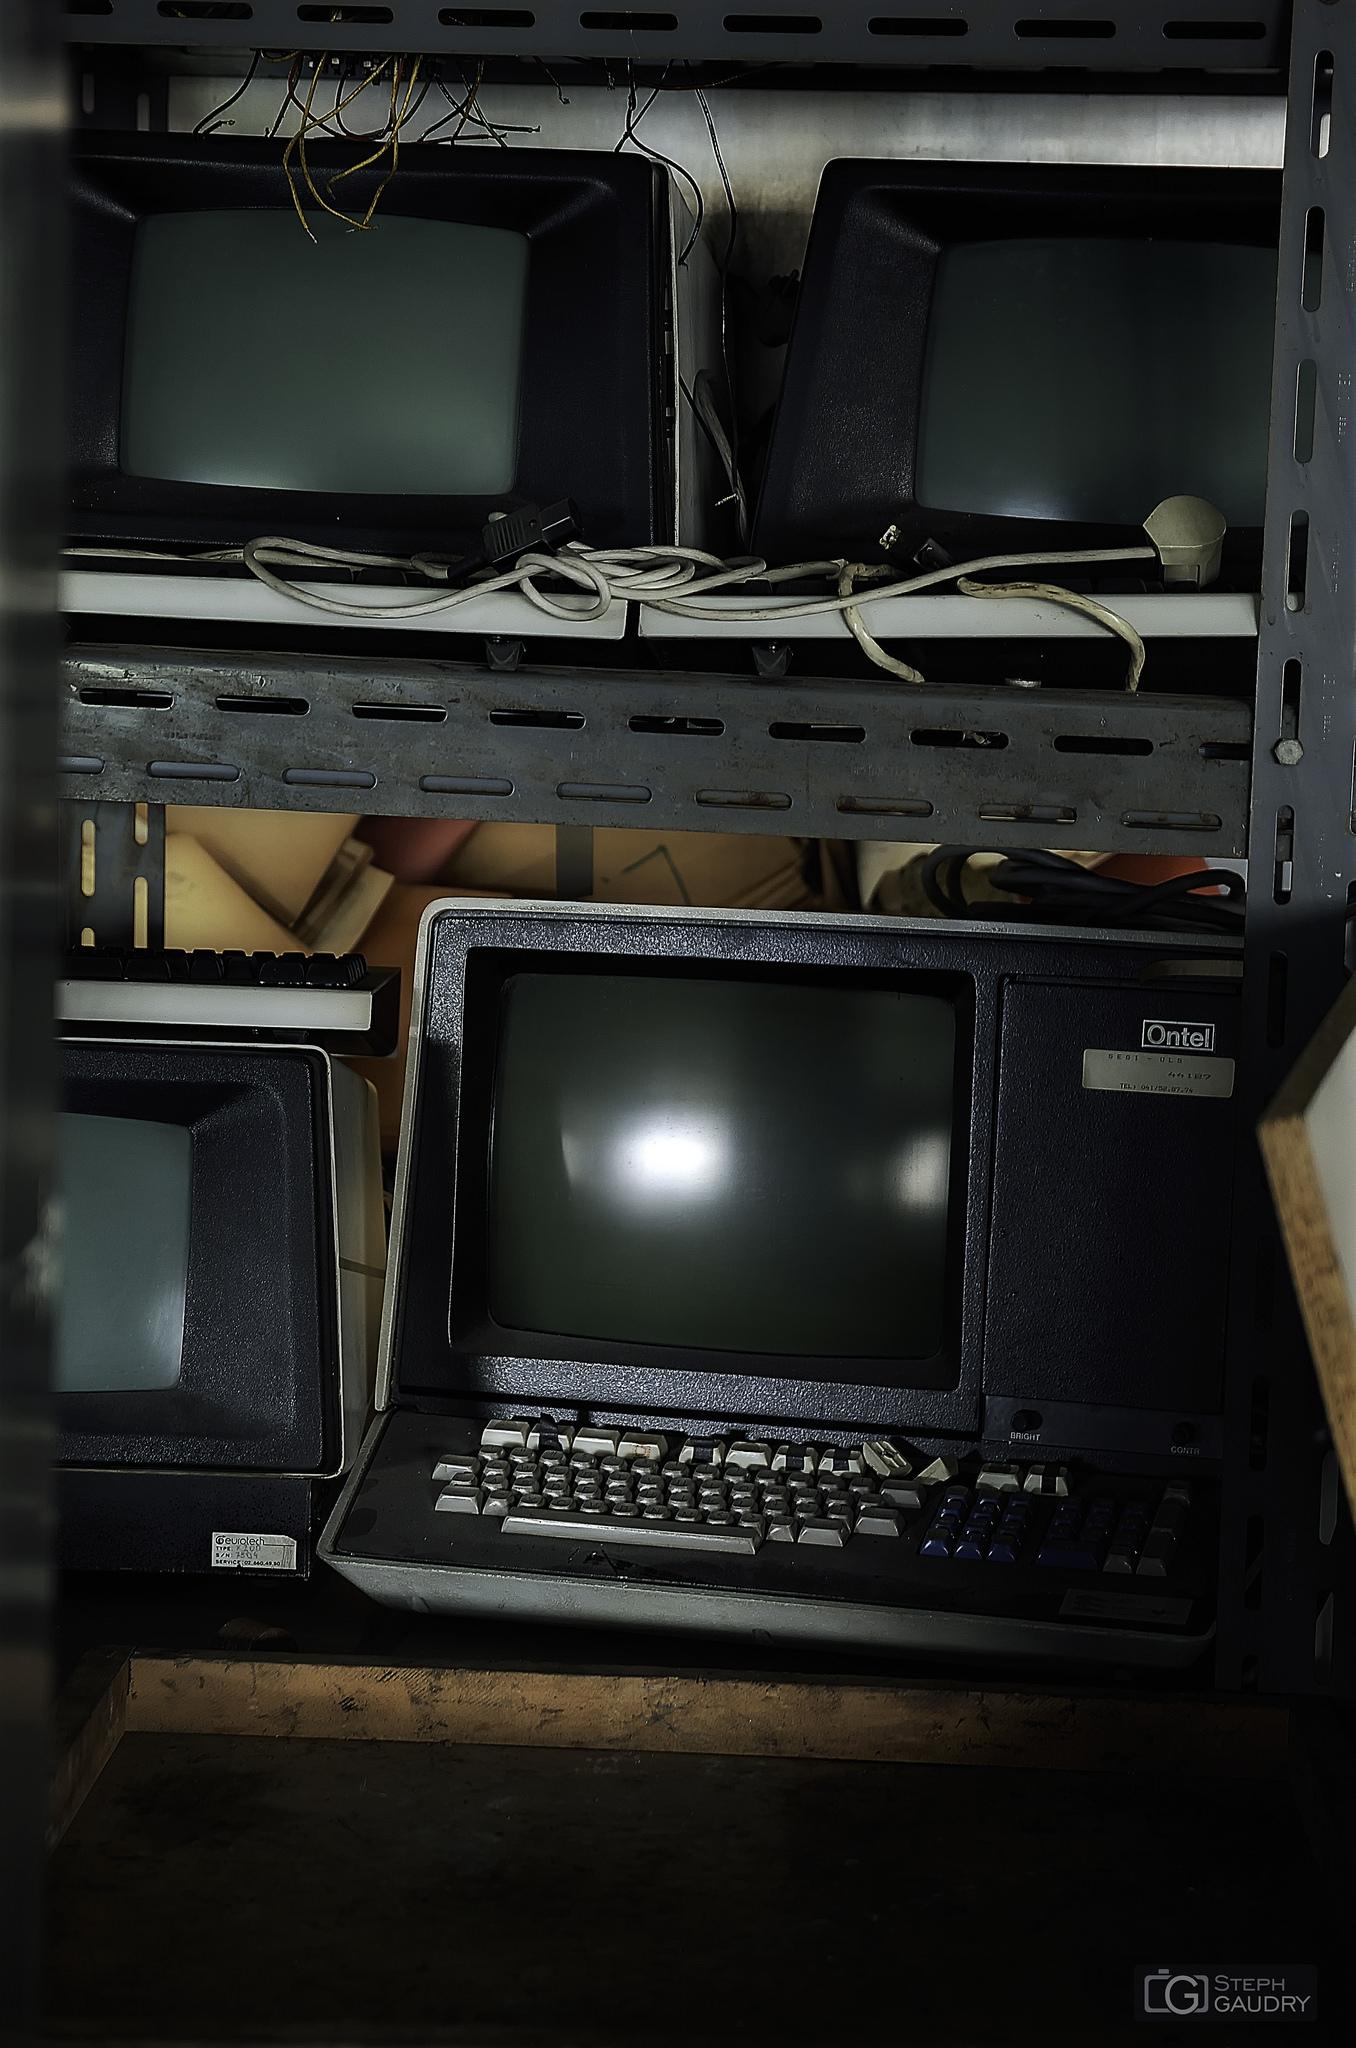 Ontel - not an Intel computer ? :-) [Click to start slideshow]